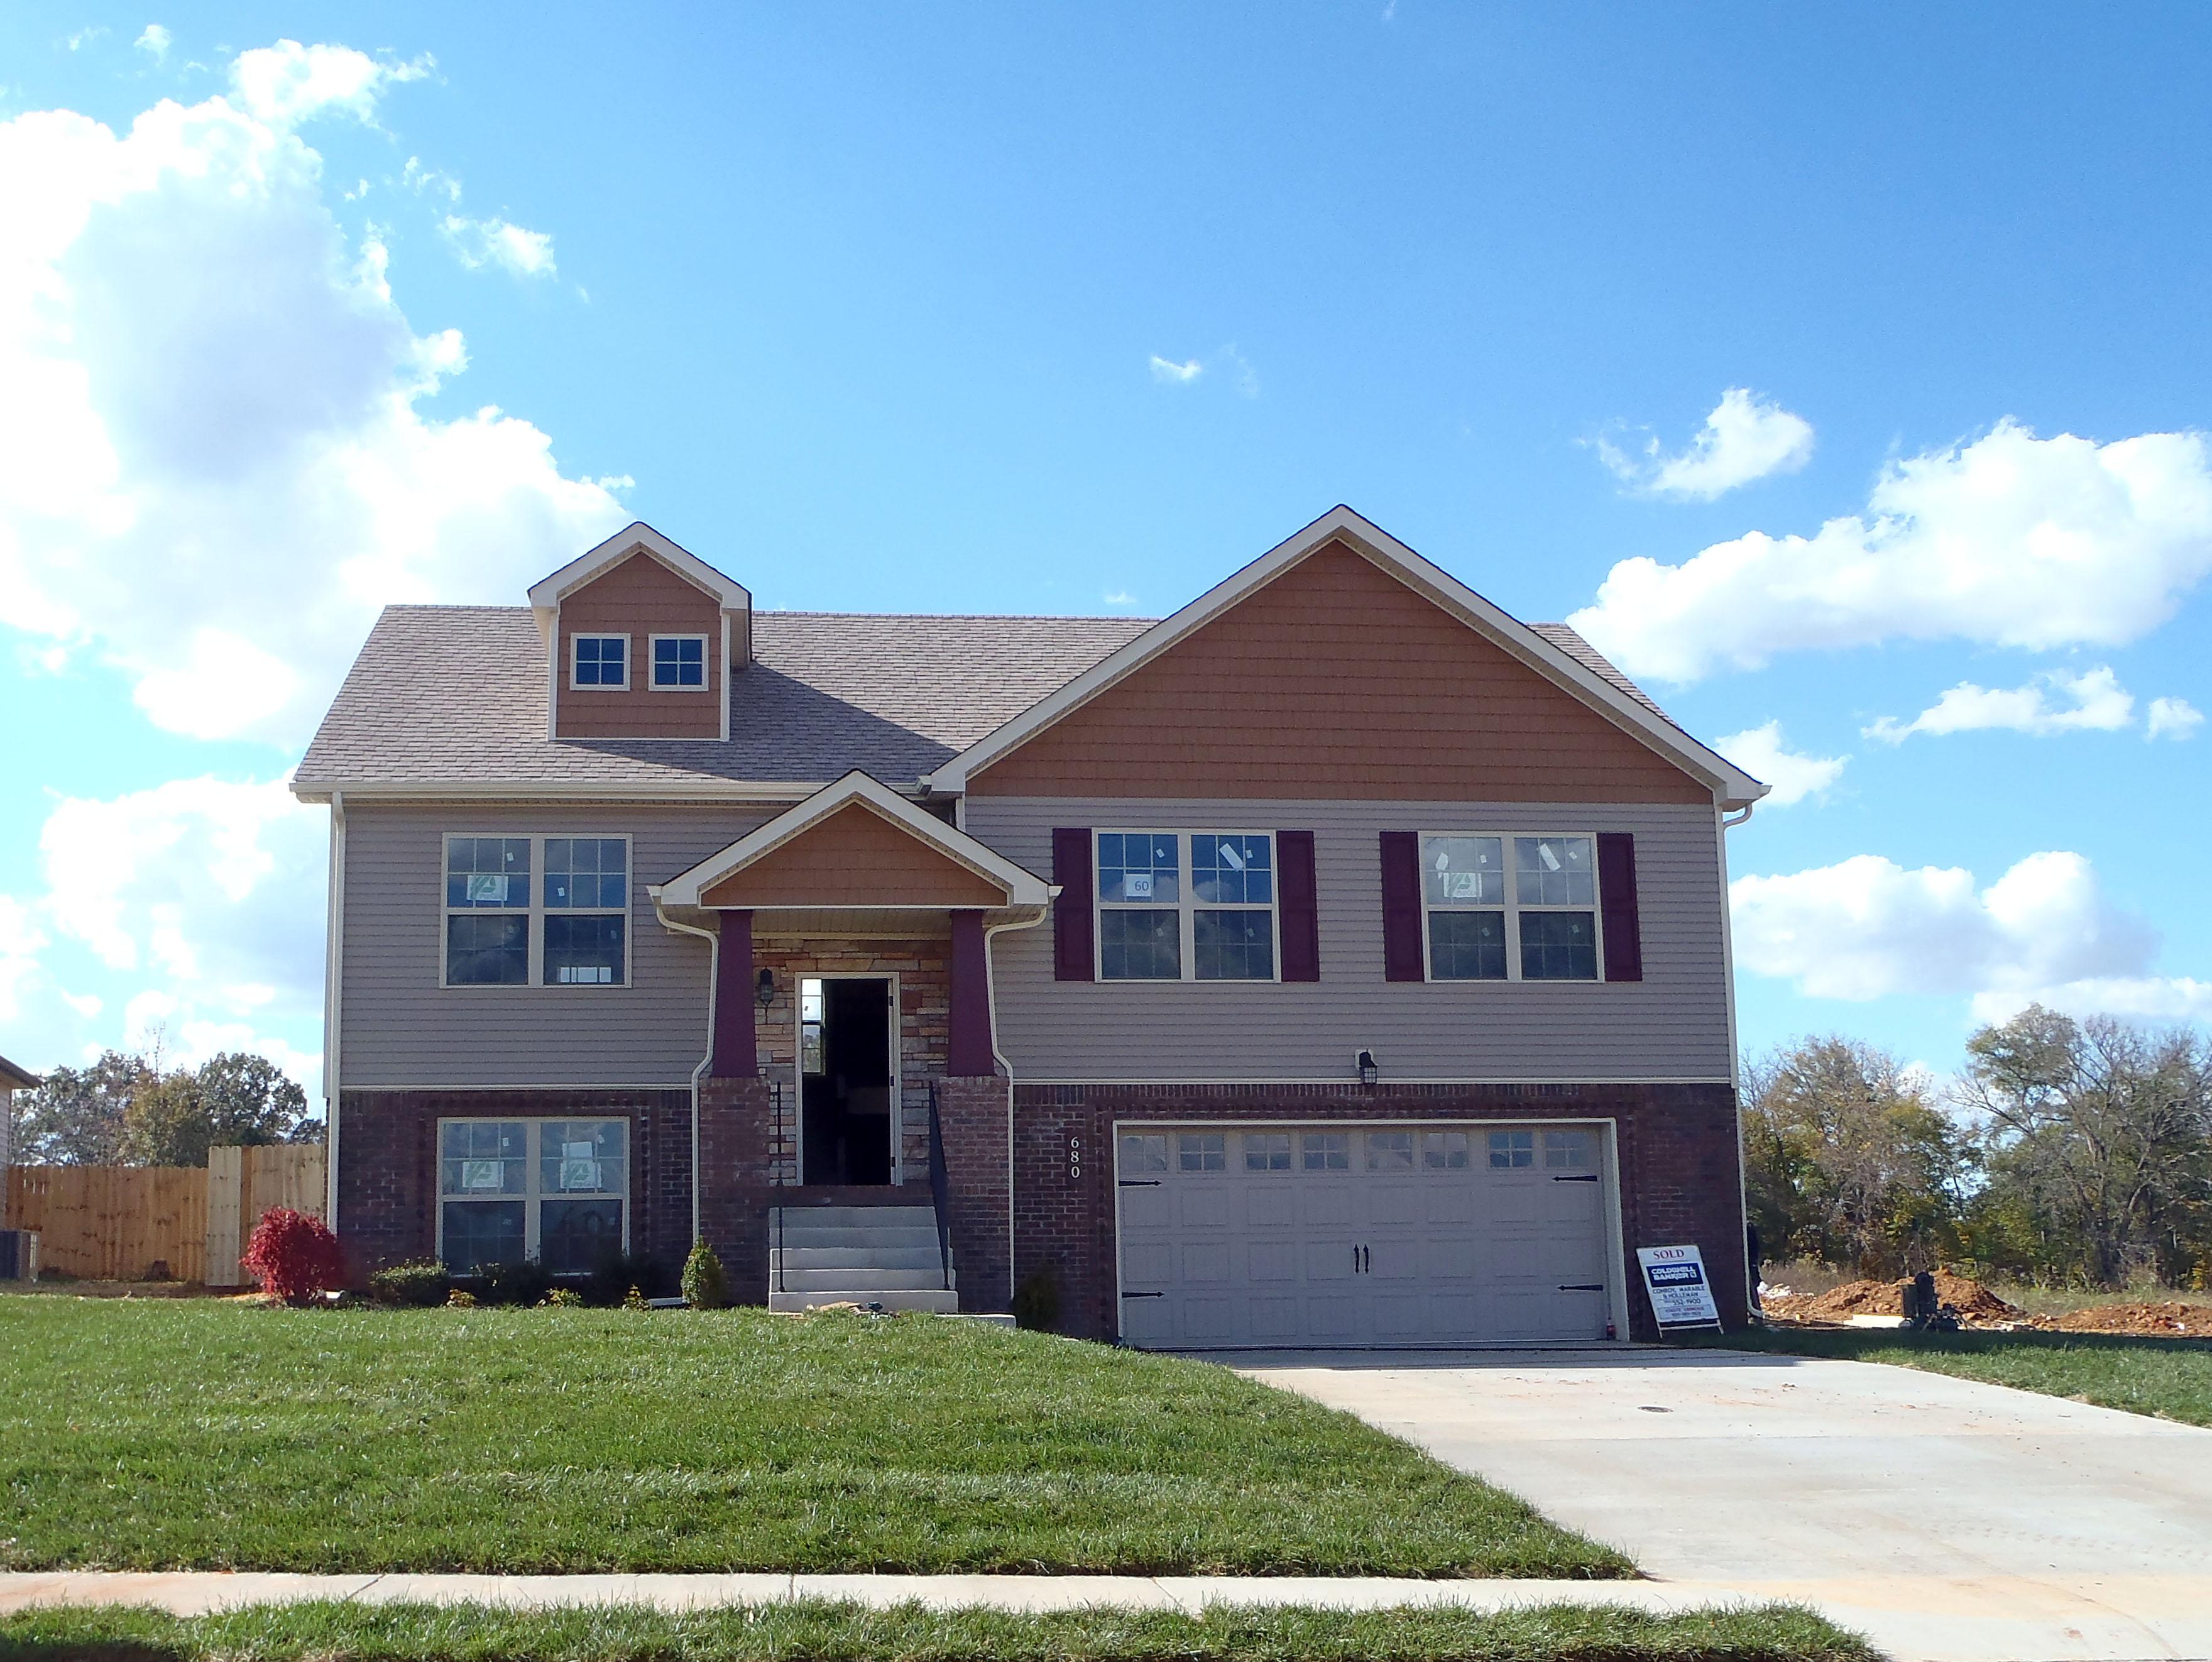 680 Crestone Court Clarksville, TN 37042